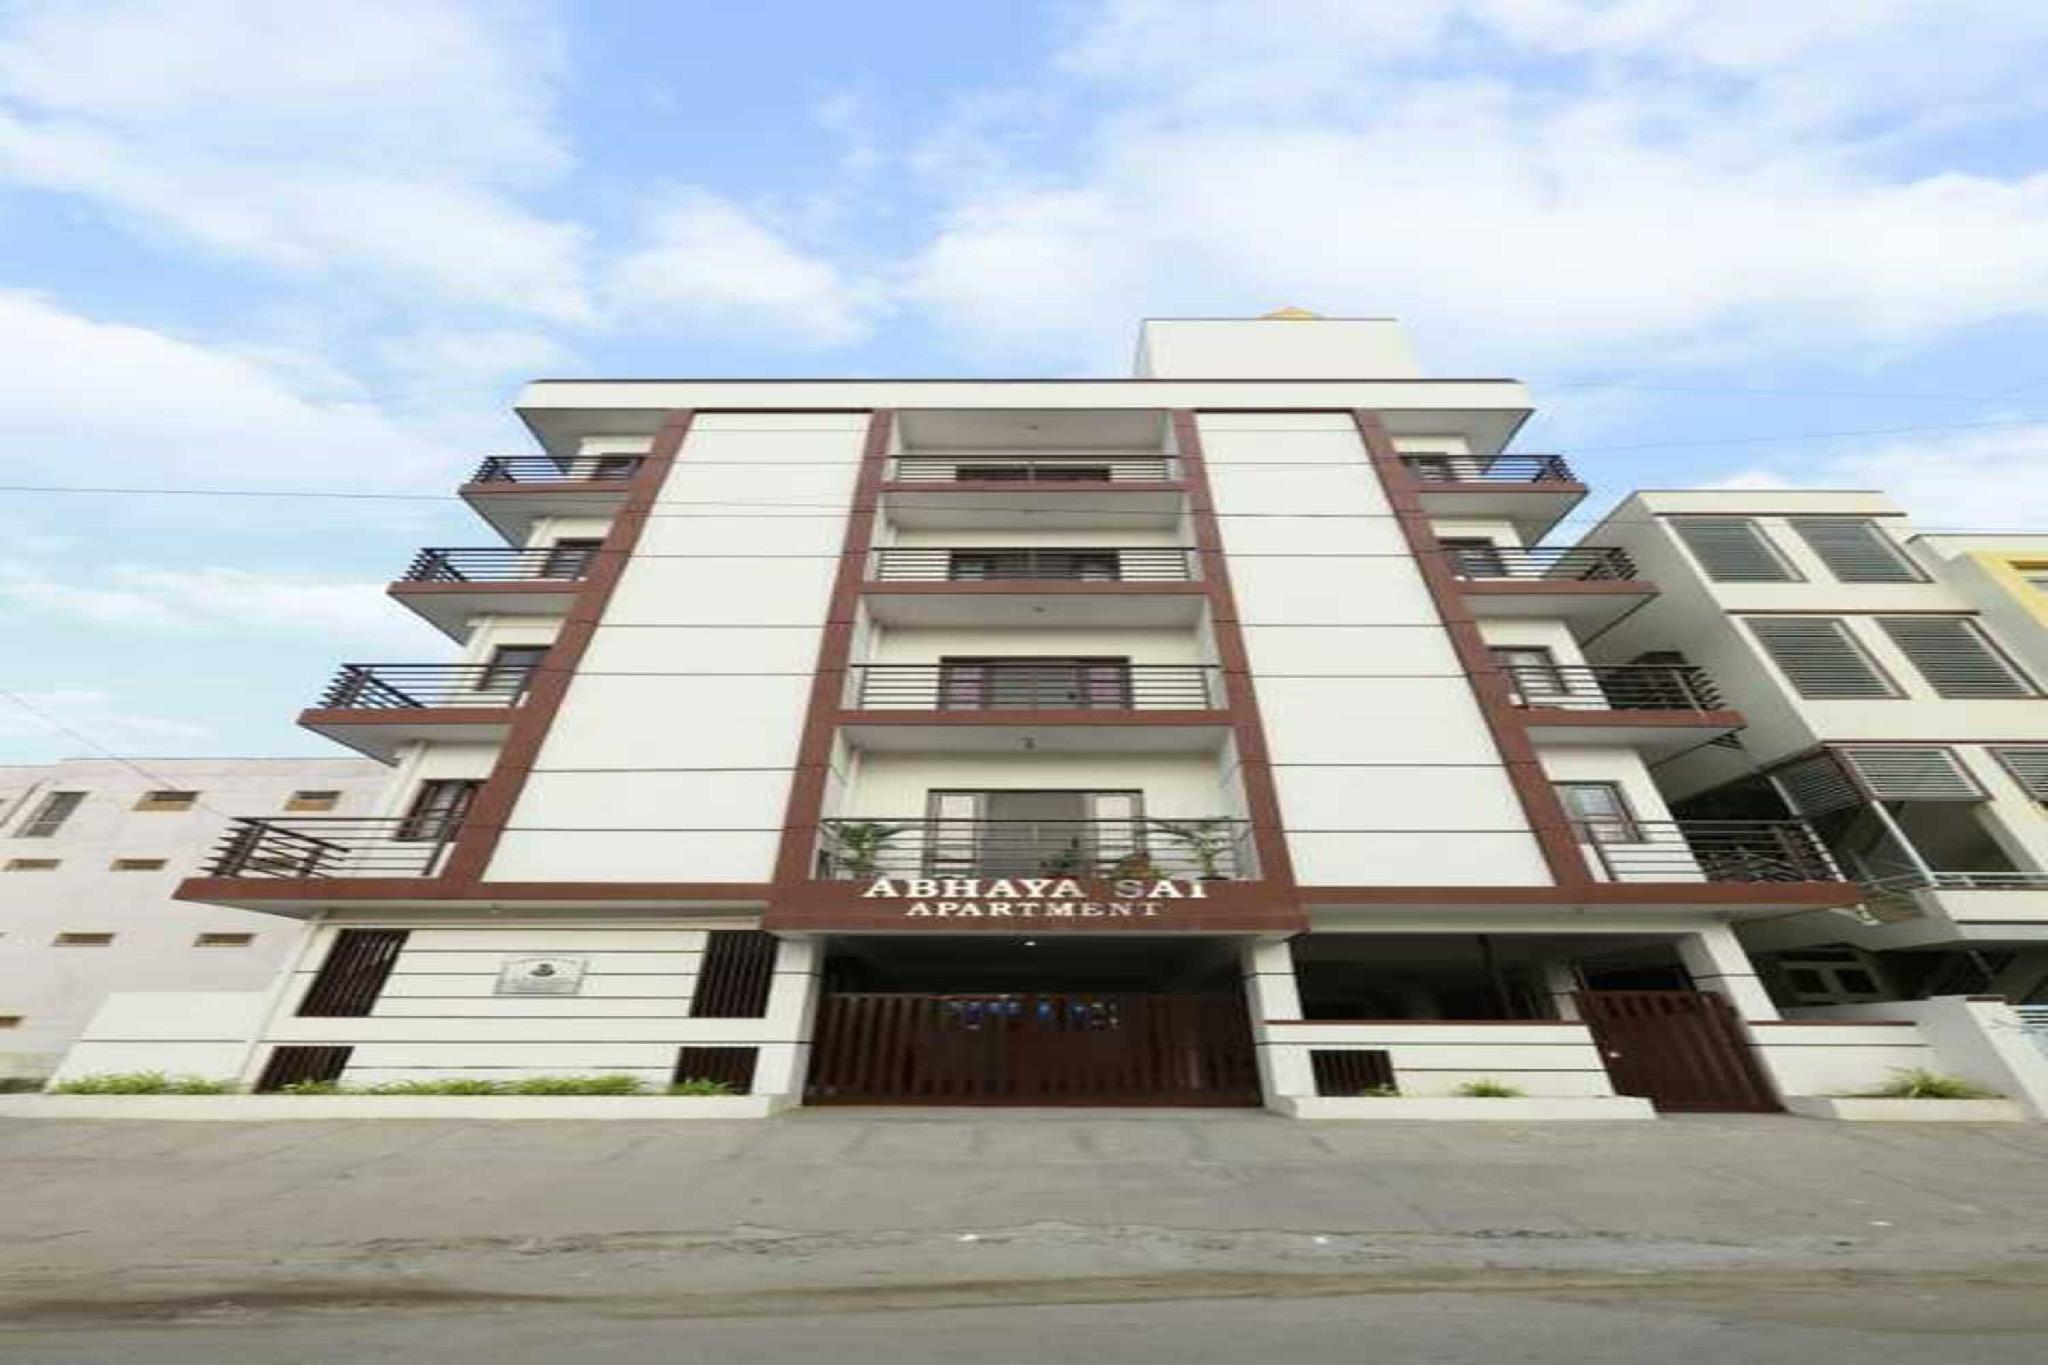 Abhaya Sai Apartment